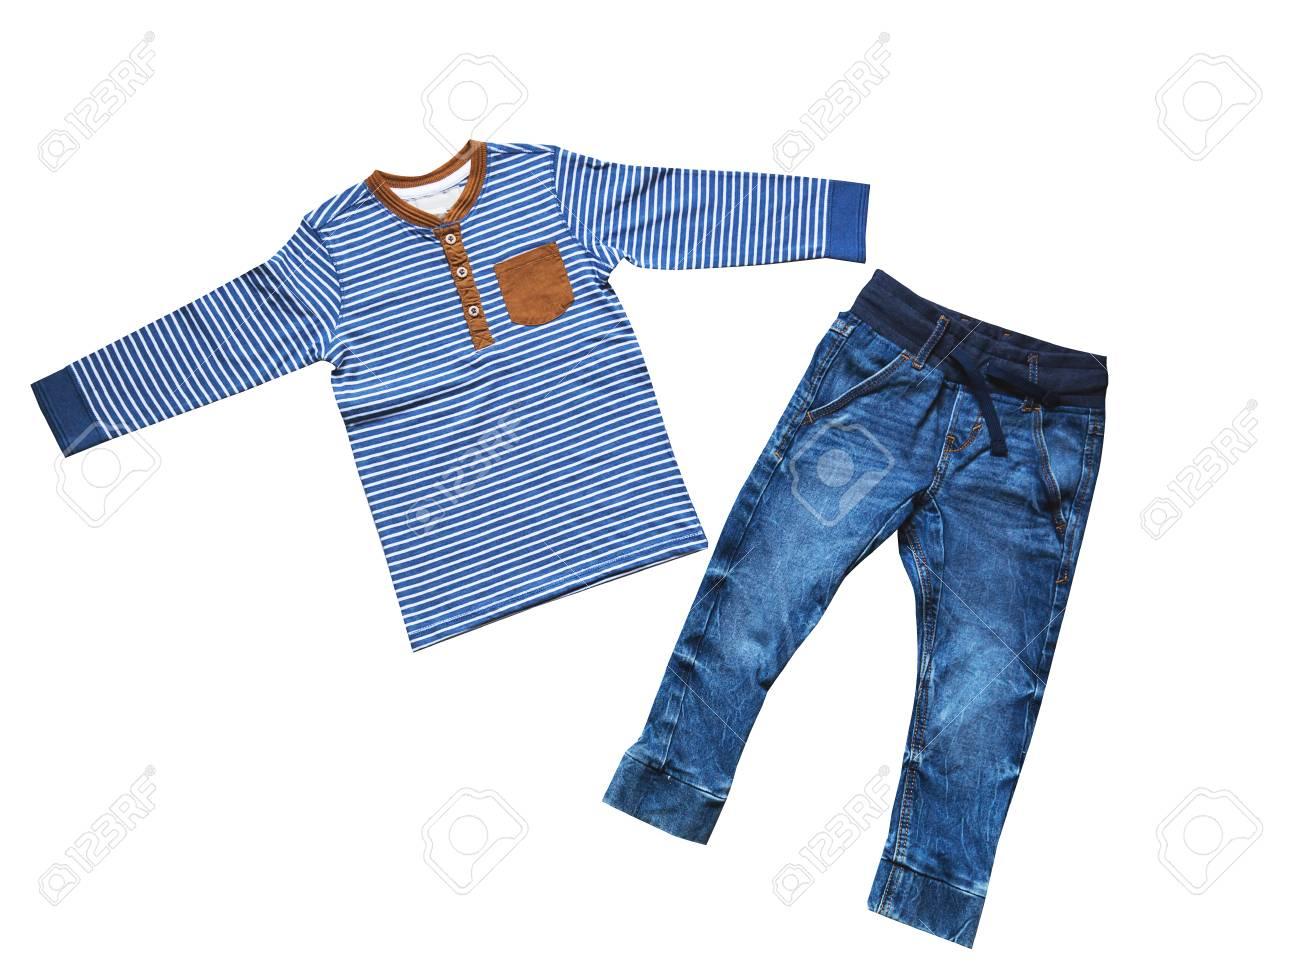 a1f503d2457fe Banque d images - Vêtements de garçon